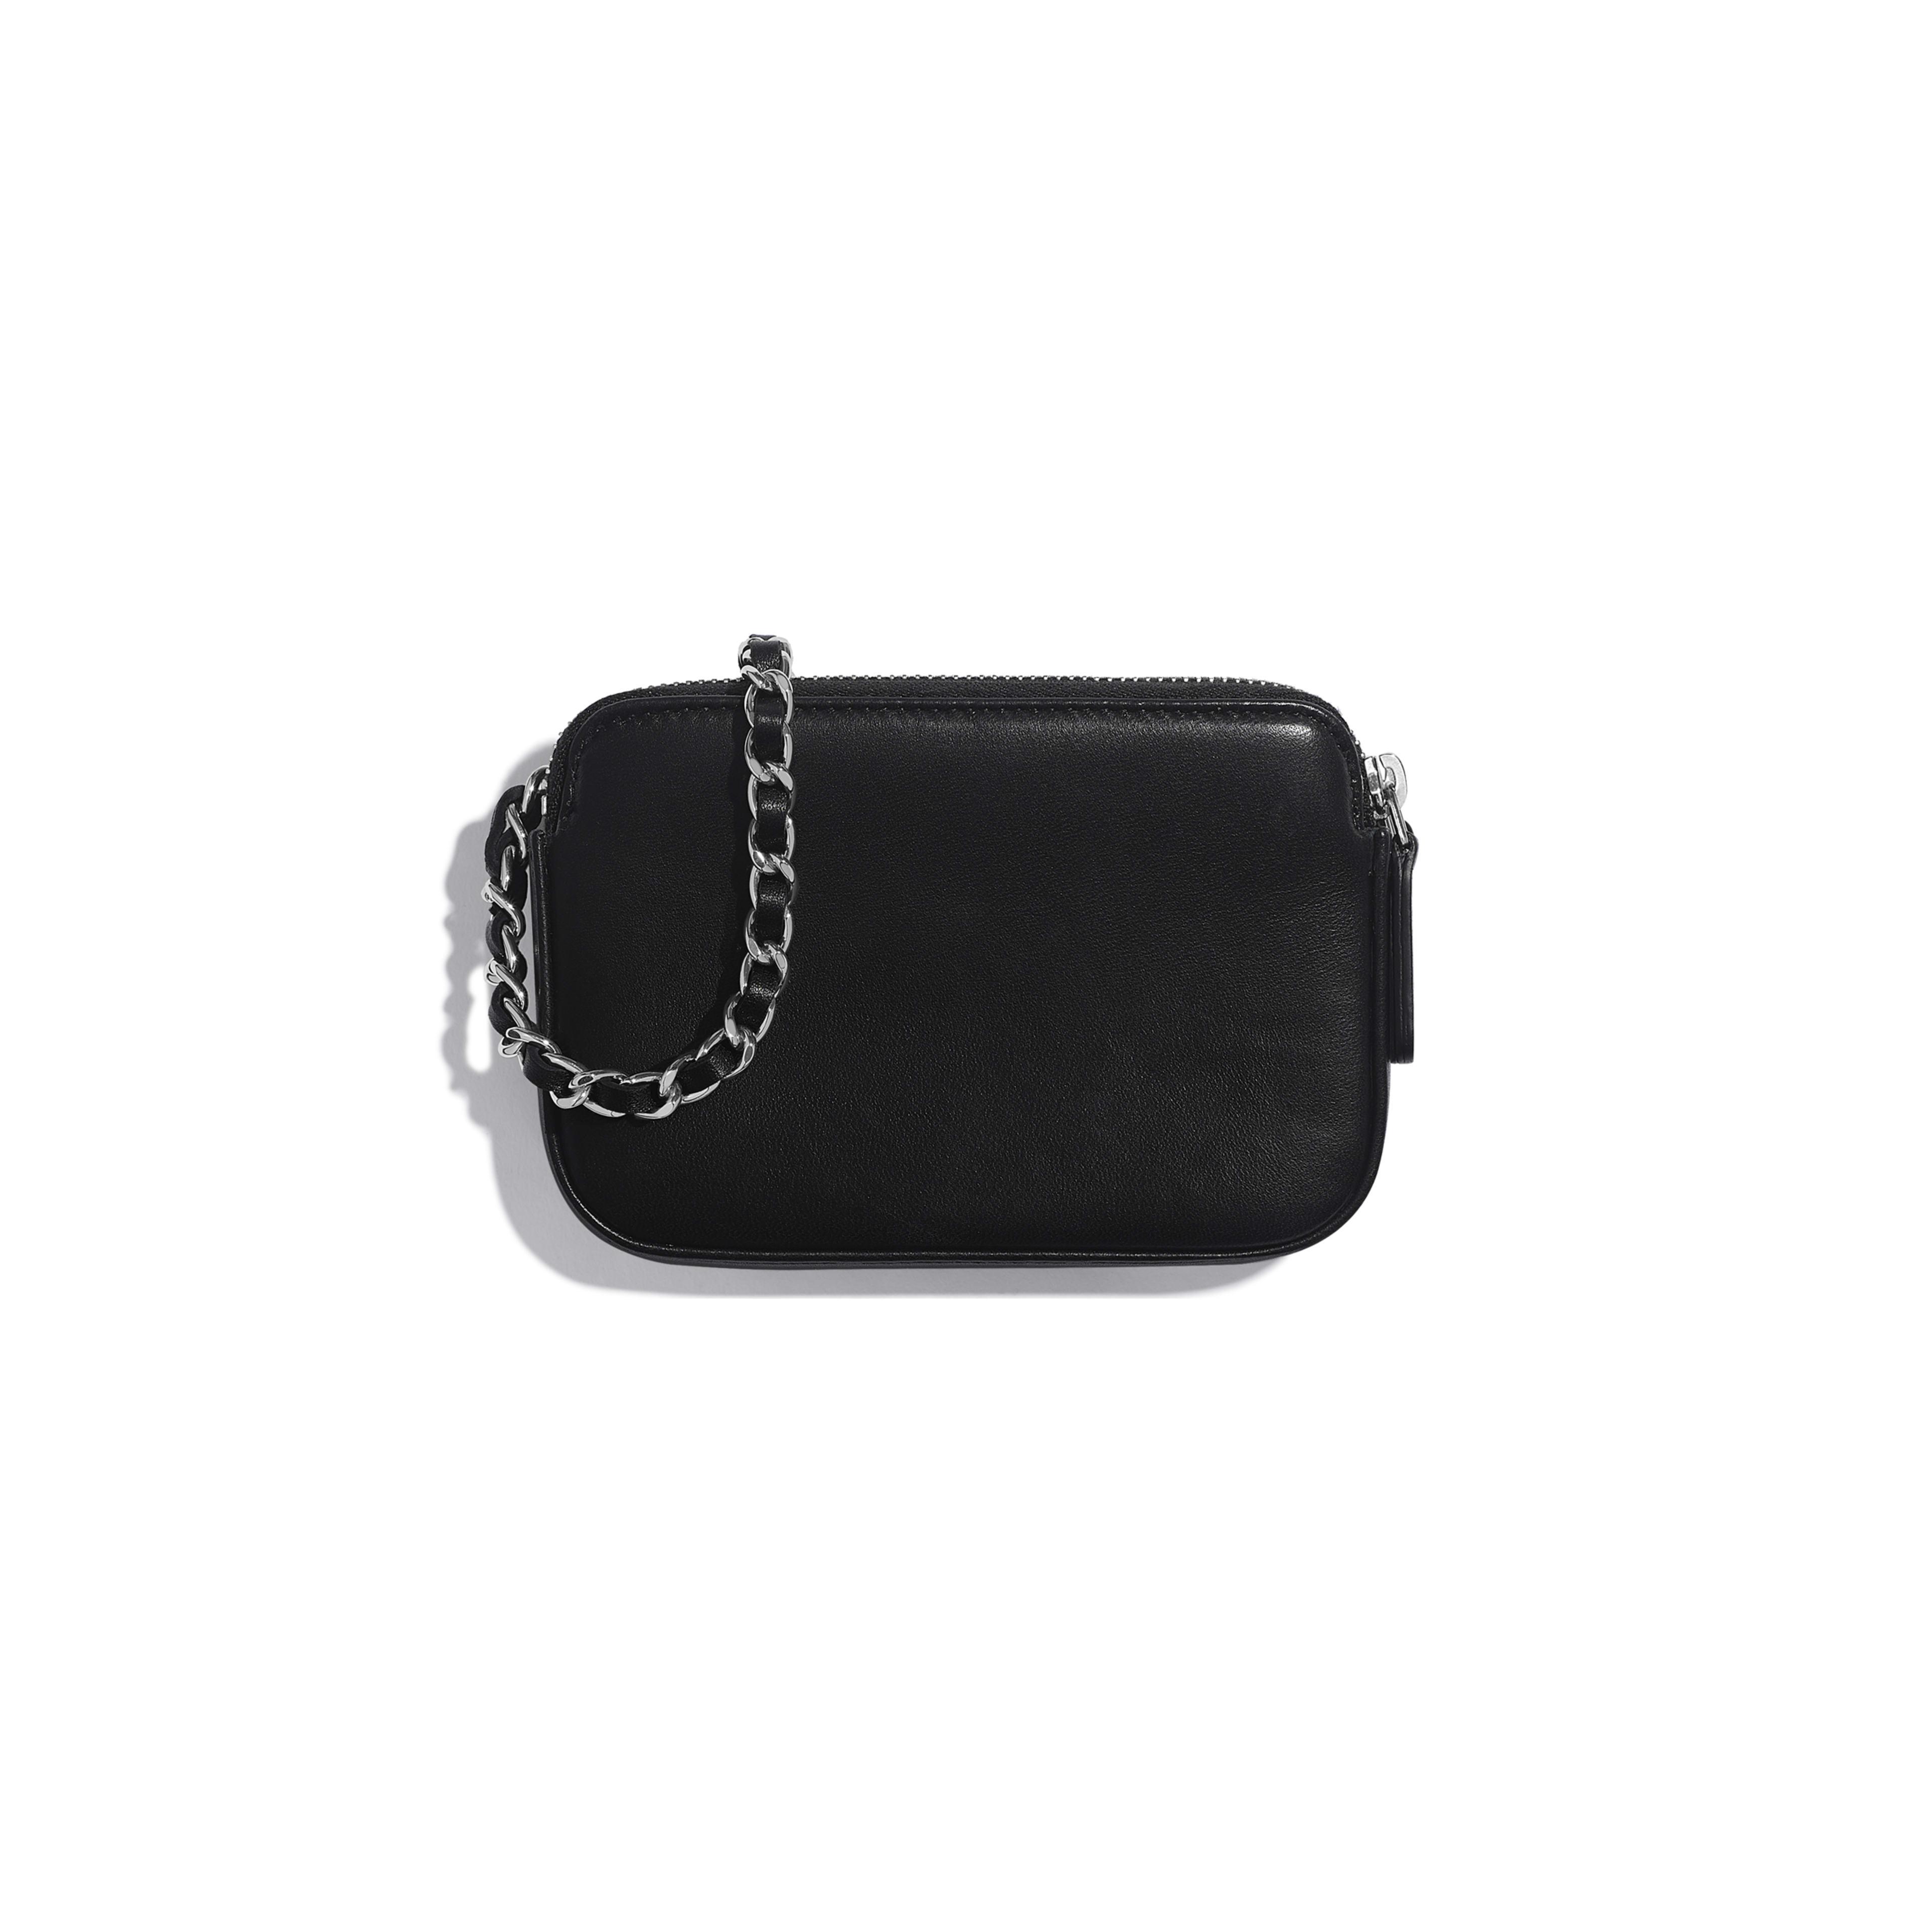 กระเป๋าคลัทช์พร้อมสายโซ่ - สีดำ สีเงิน และสีขาว - หนังแกะ ปักเลื่อม และประดับโลหะสีเงิน - มุมมองทางอื่น - ดูเวอร์ชันขนาดเต็ม